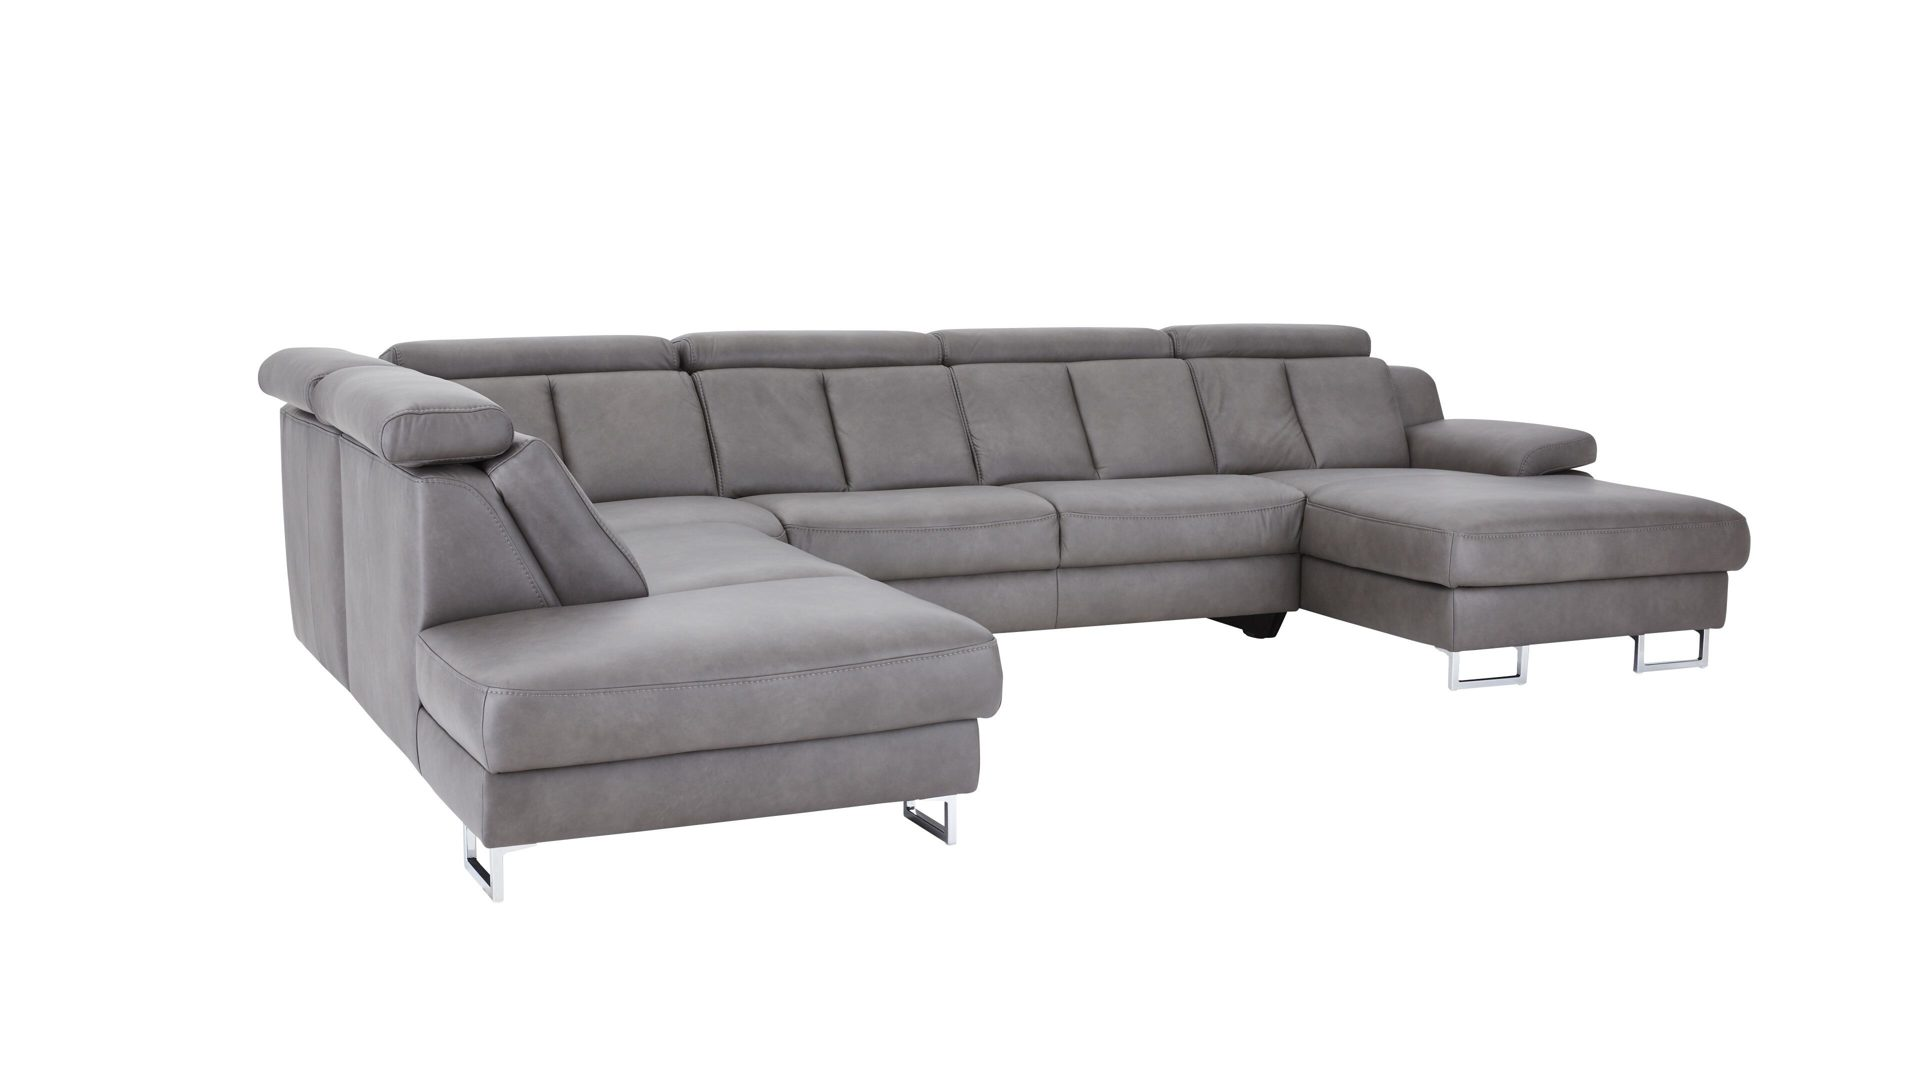 Interliving Sofa Serie 4050 Wohnlandschaft Graues Longlife Leder